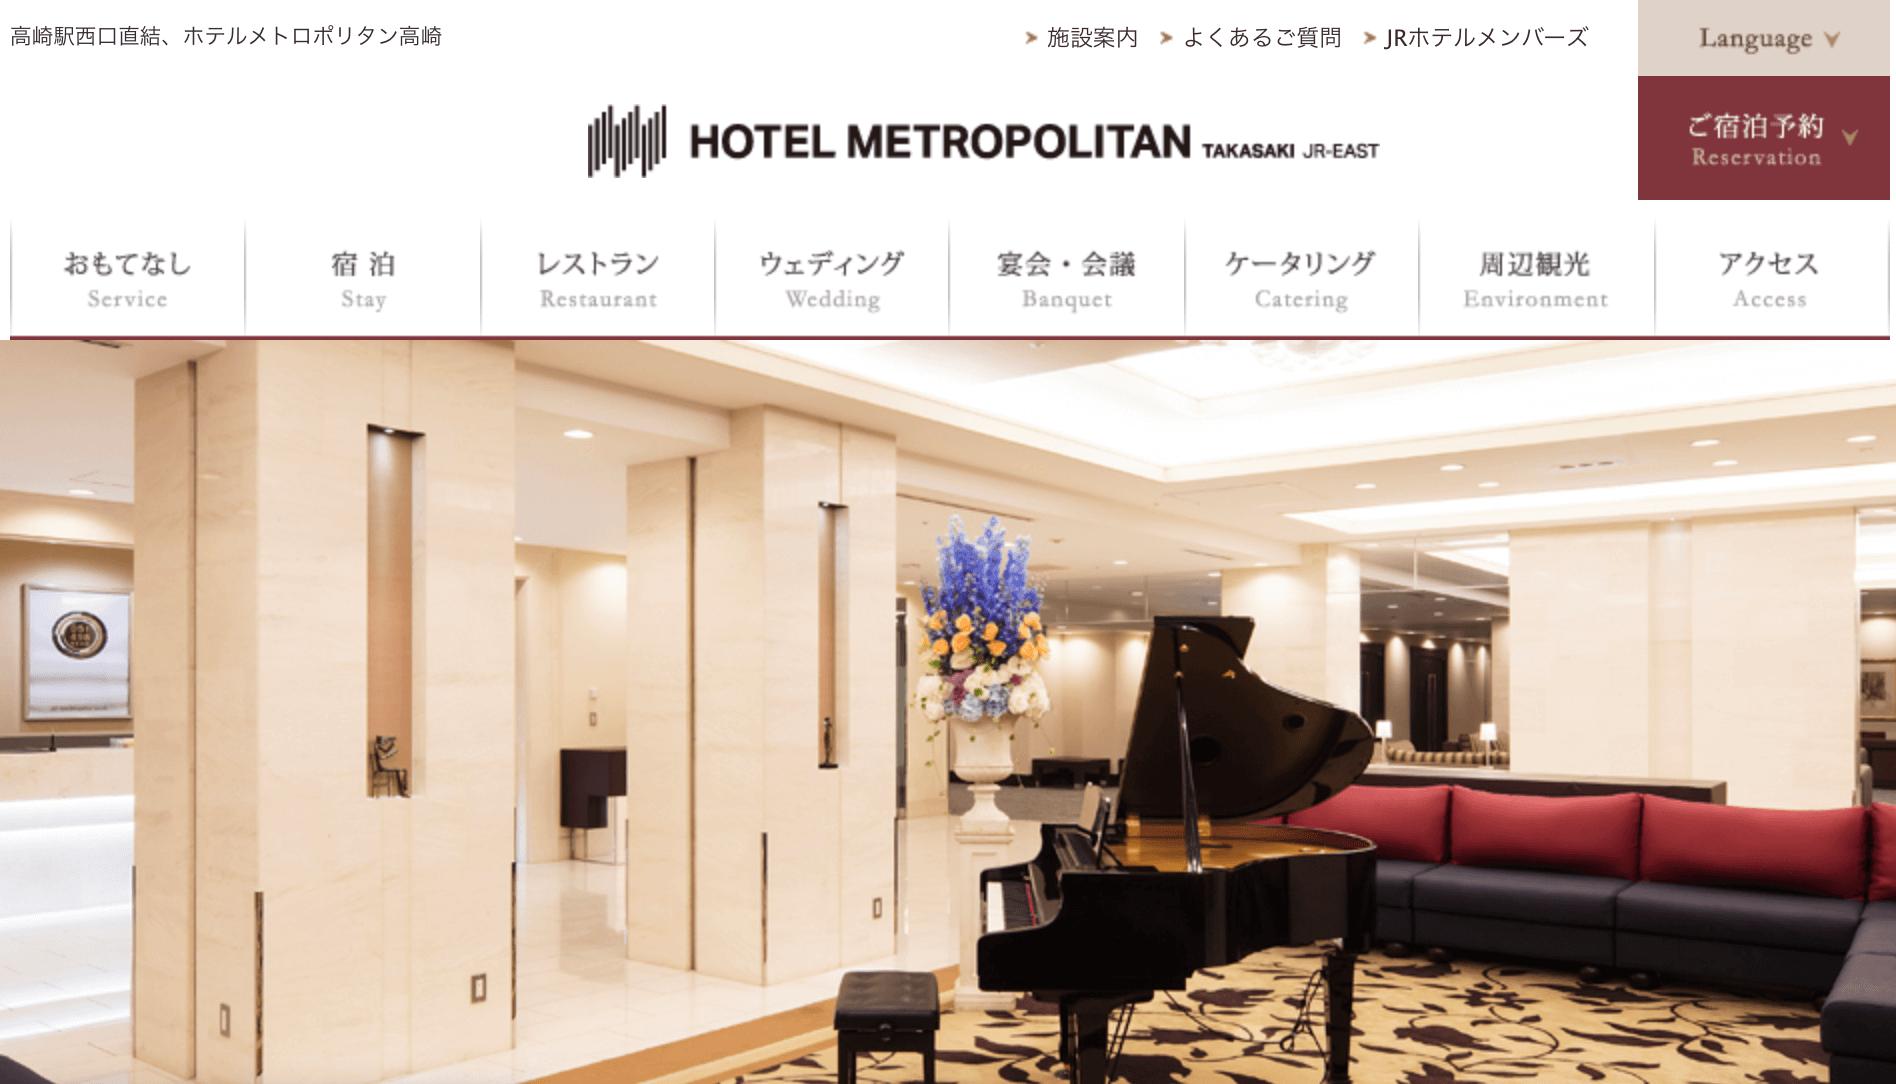 群馬でパパ活に使えるホテル「ホテルメトロポリタン高崎」